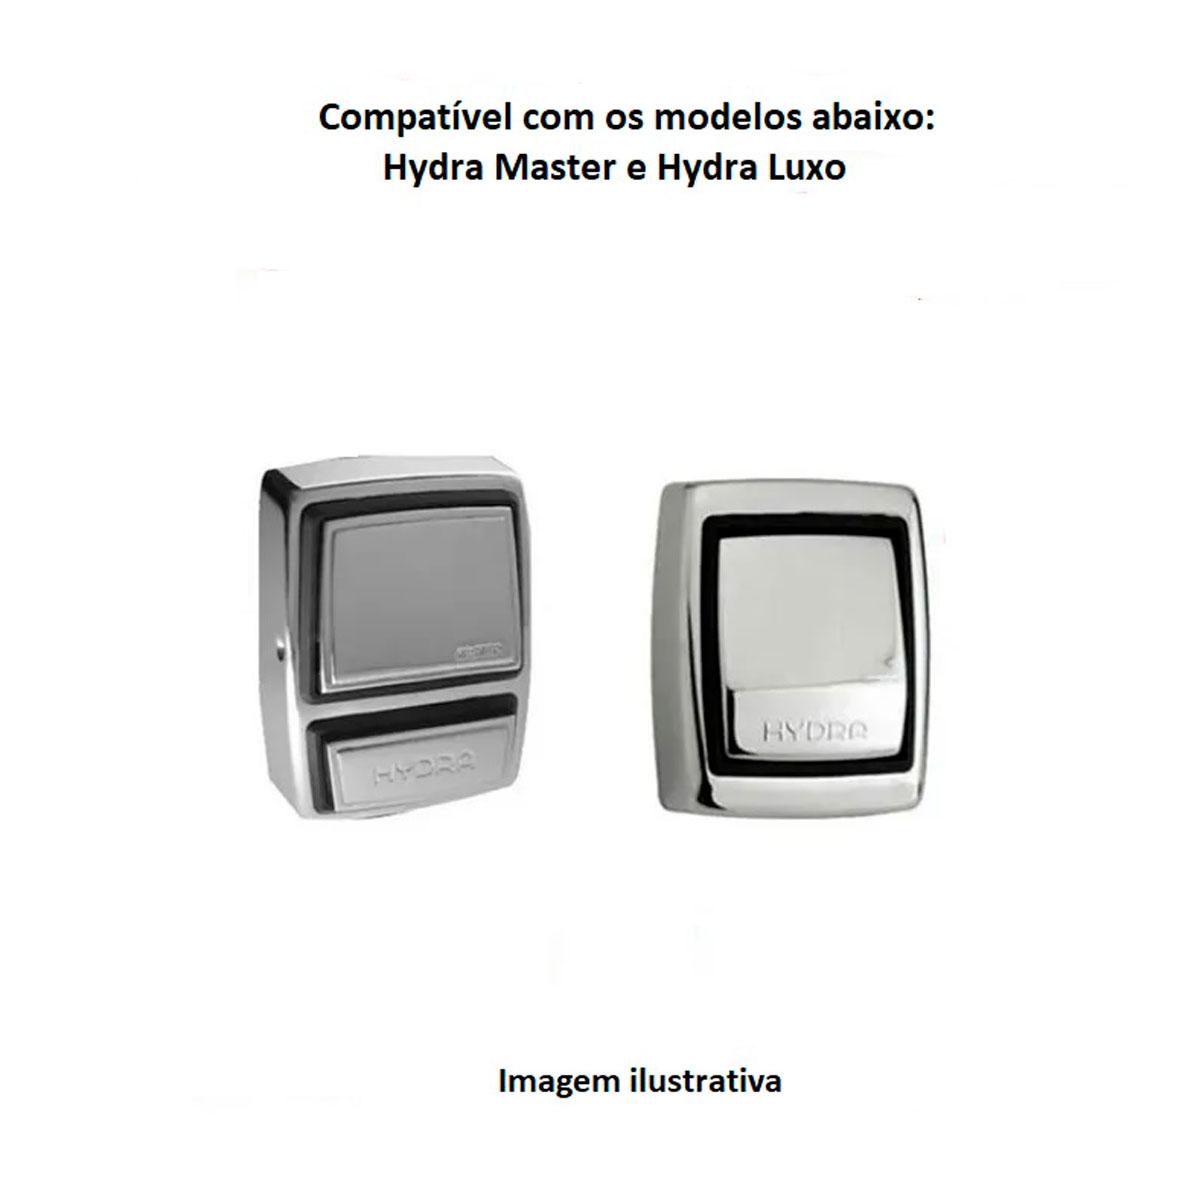 Sede Válvula Hydra Luxo/Master 1.1/4 Original